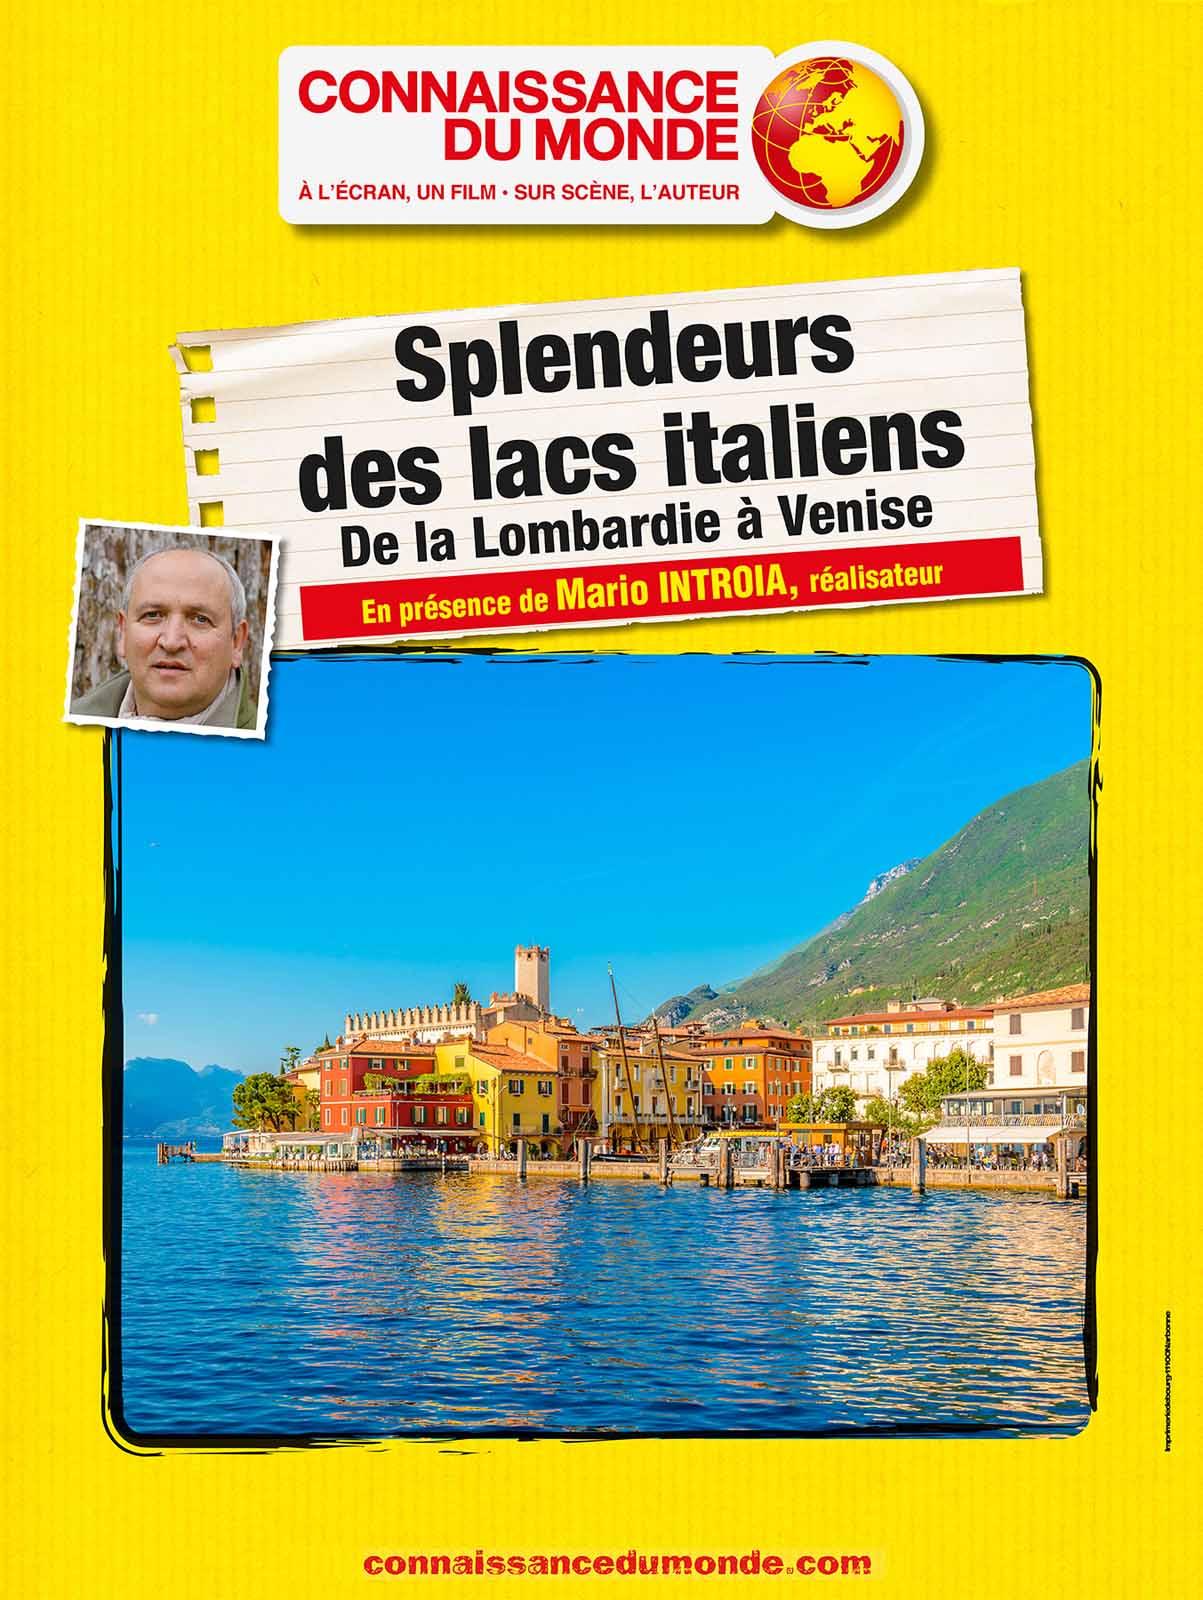 Splendeurs des lacs italiens, De la Lombardie à Venise